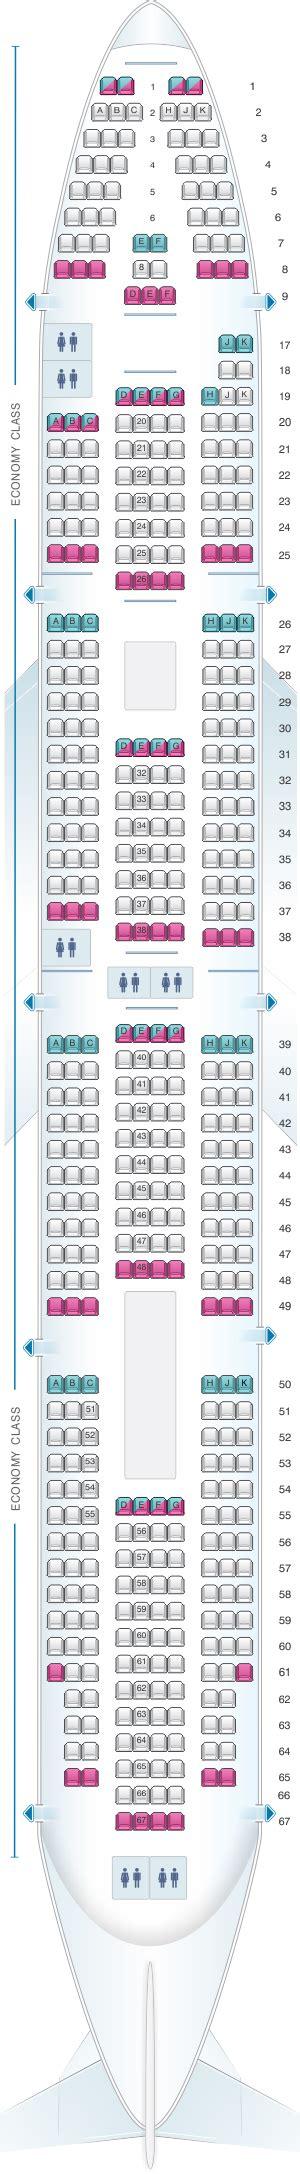 747 400 seat map seat map wamos air boeing b747 400 seatmaestro